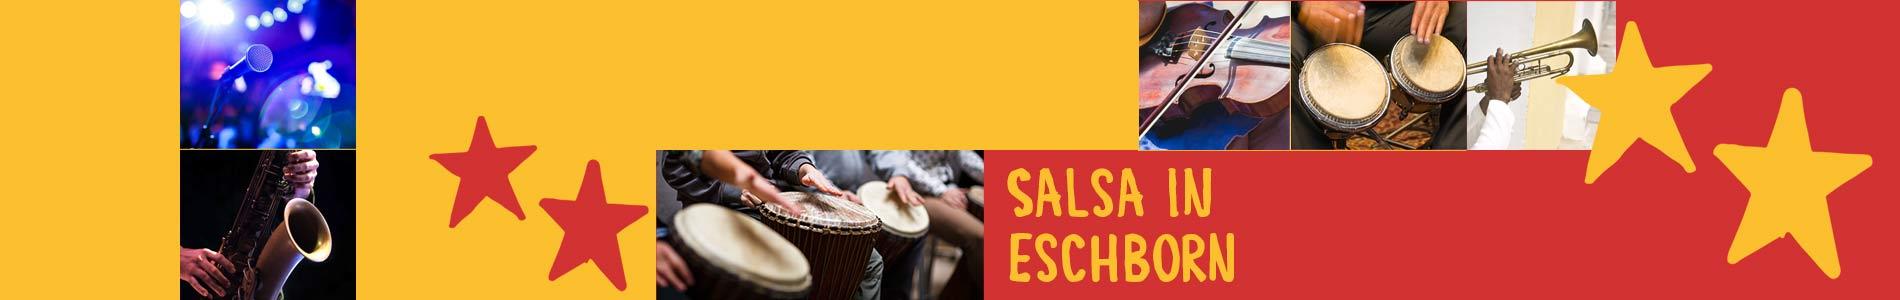 Salsa in Eschborn – Salsa lernen und tanzen, Tanzkurse, Partys, Veranstaltungen